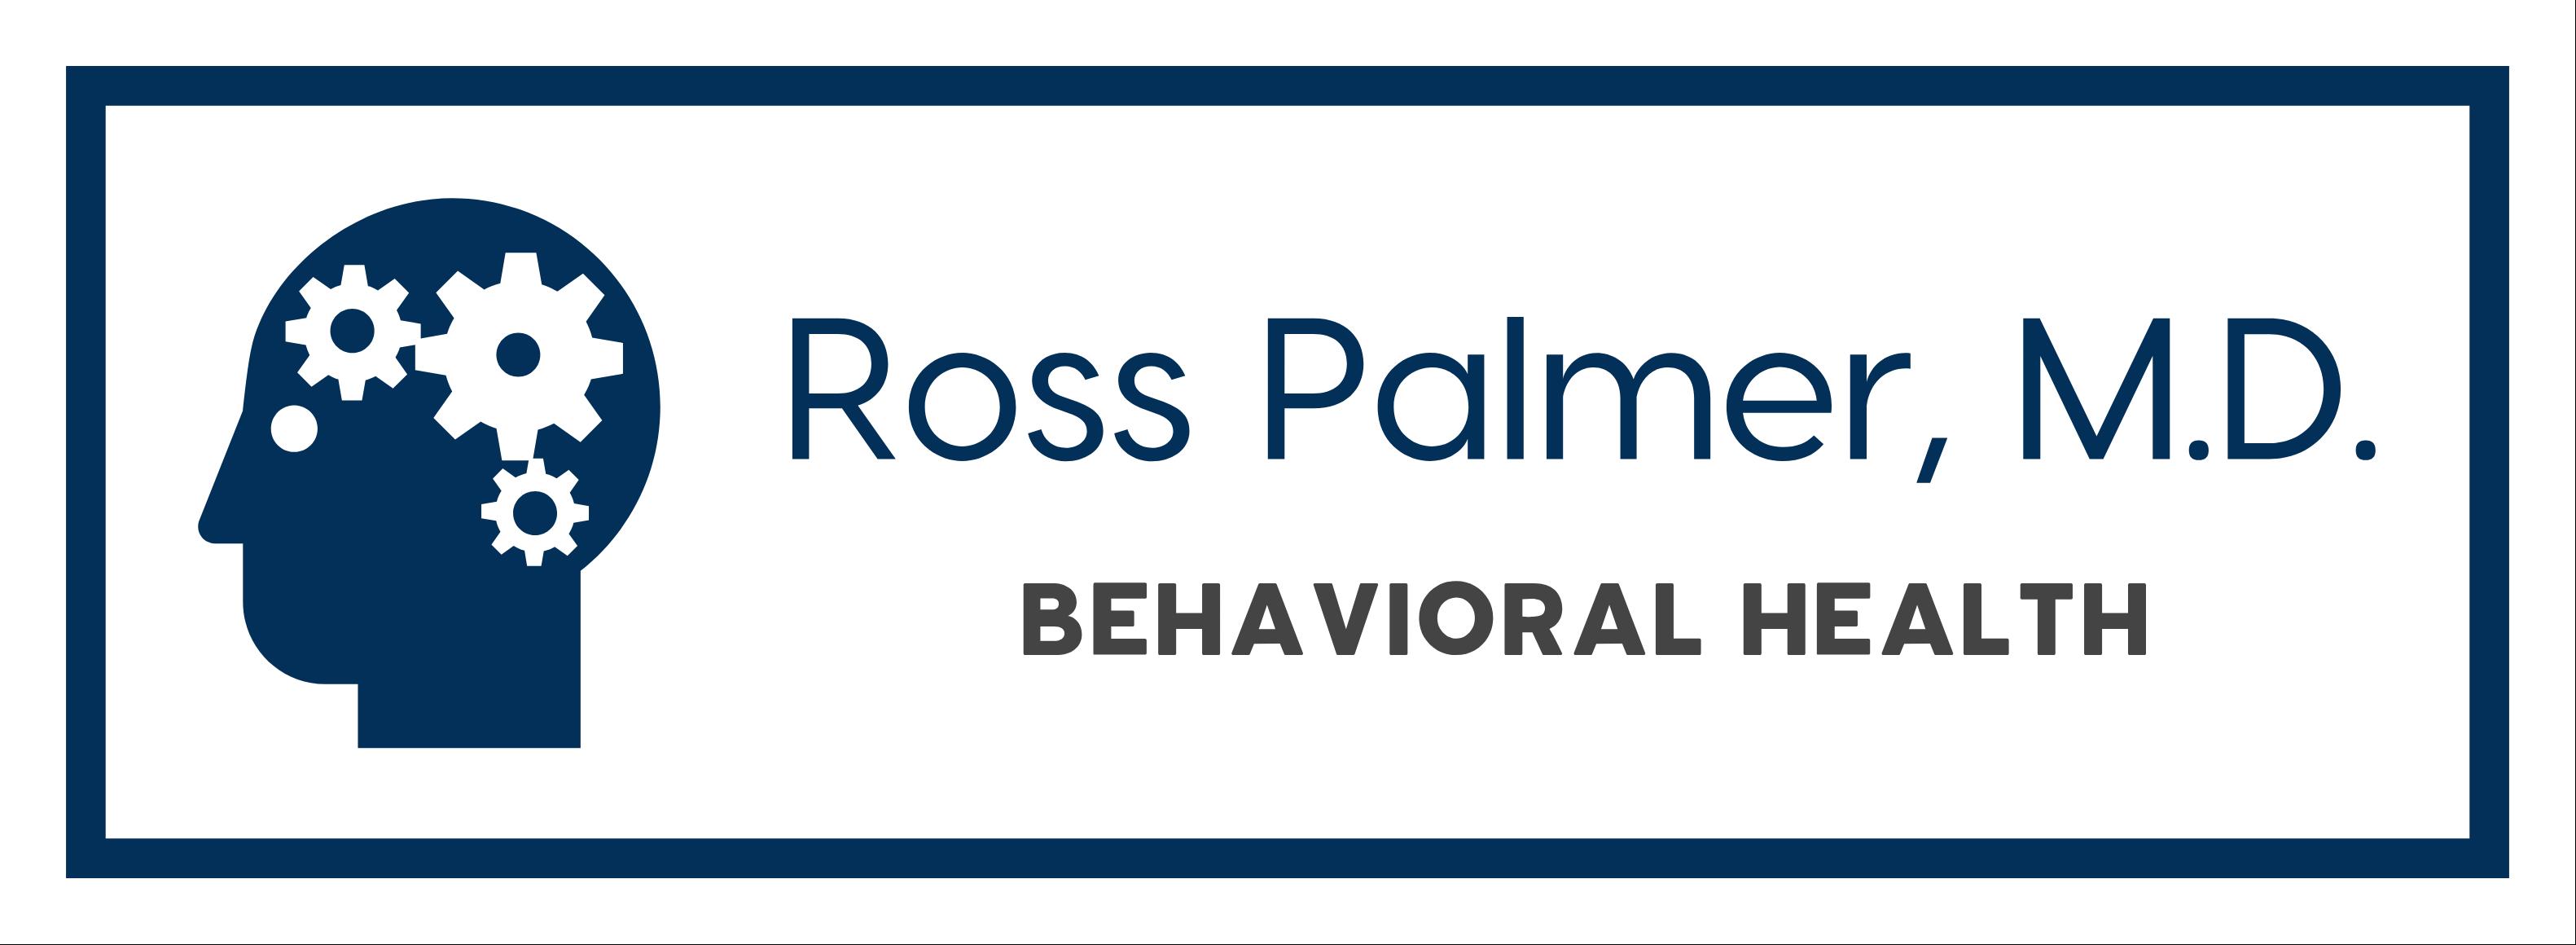 Ross Palmer, M.D.